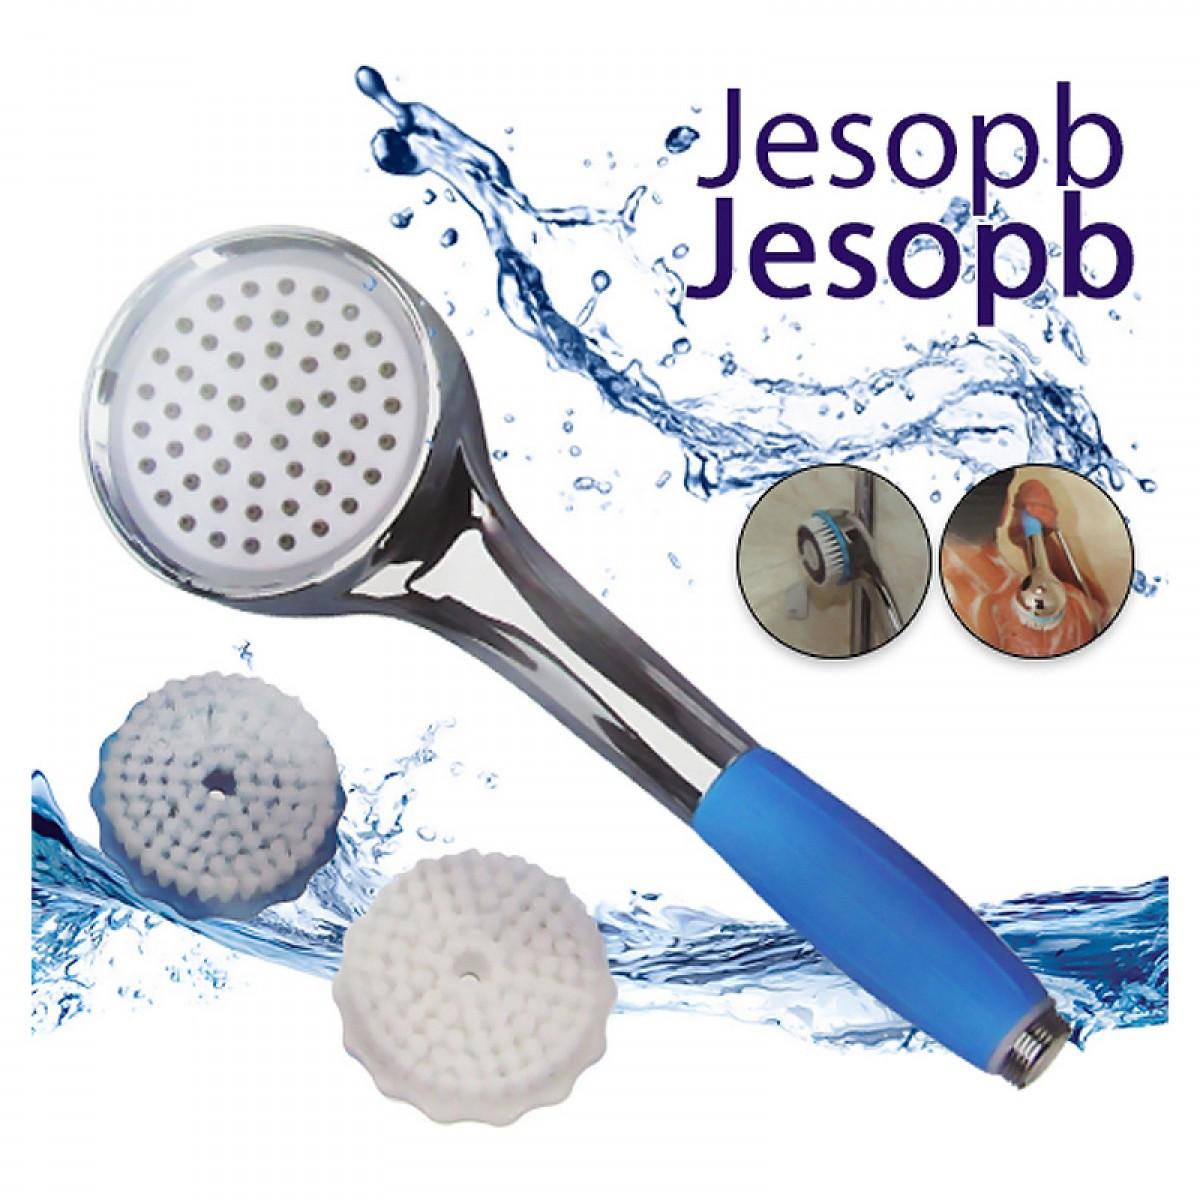 Τηλέφωνο ντουζ με ενσωματωμένο φίλτρο νερού - Jesopb